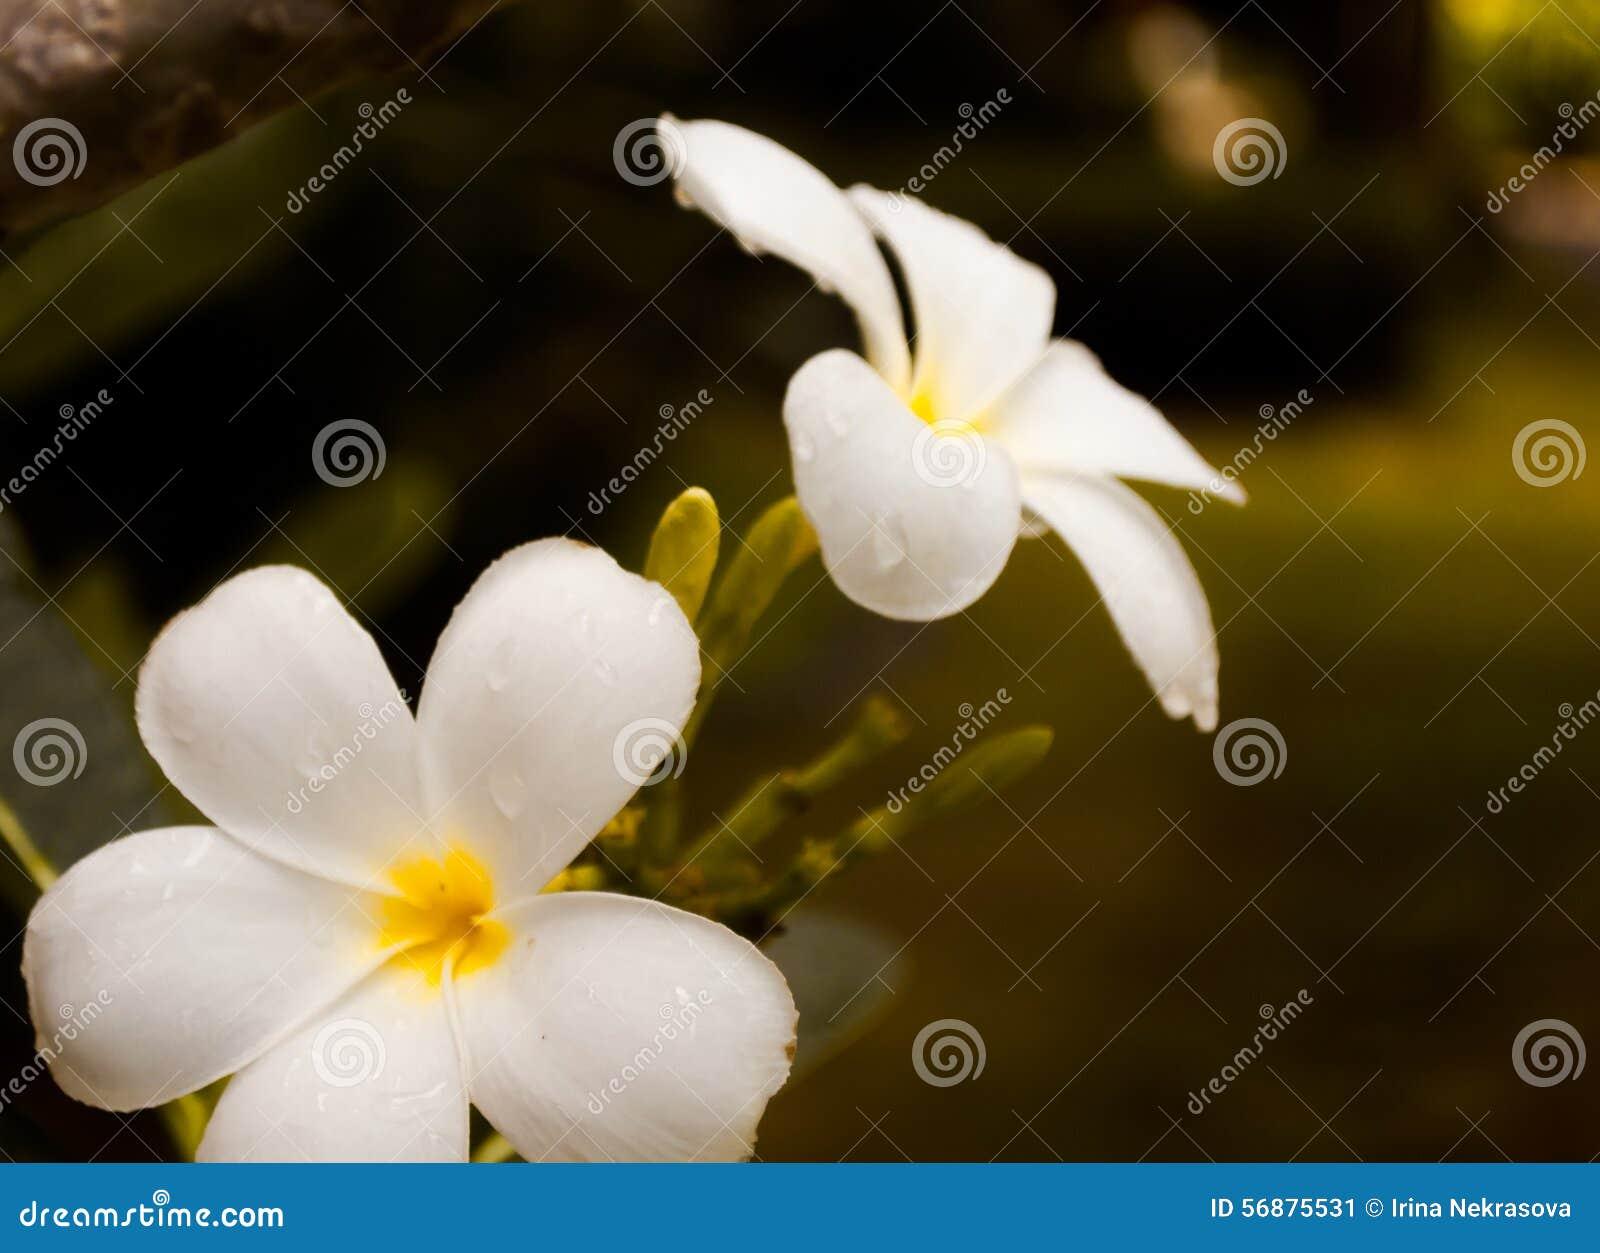 Άσπρο plumeria λουλουδιών με την πτώση βροχής